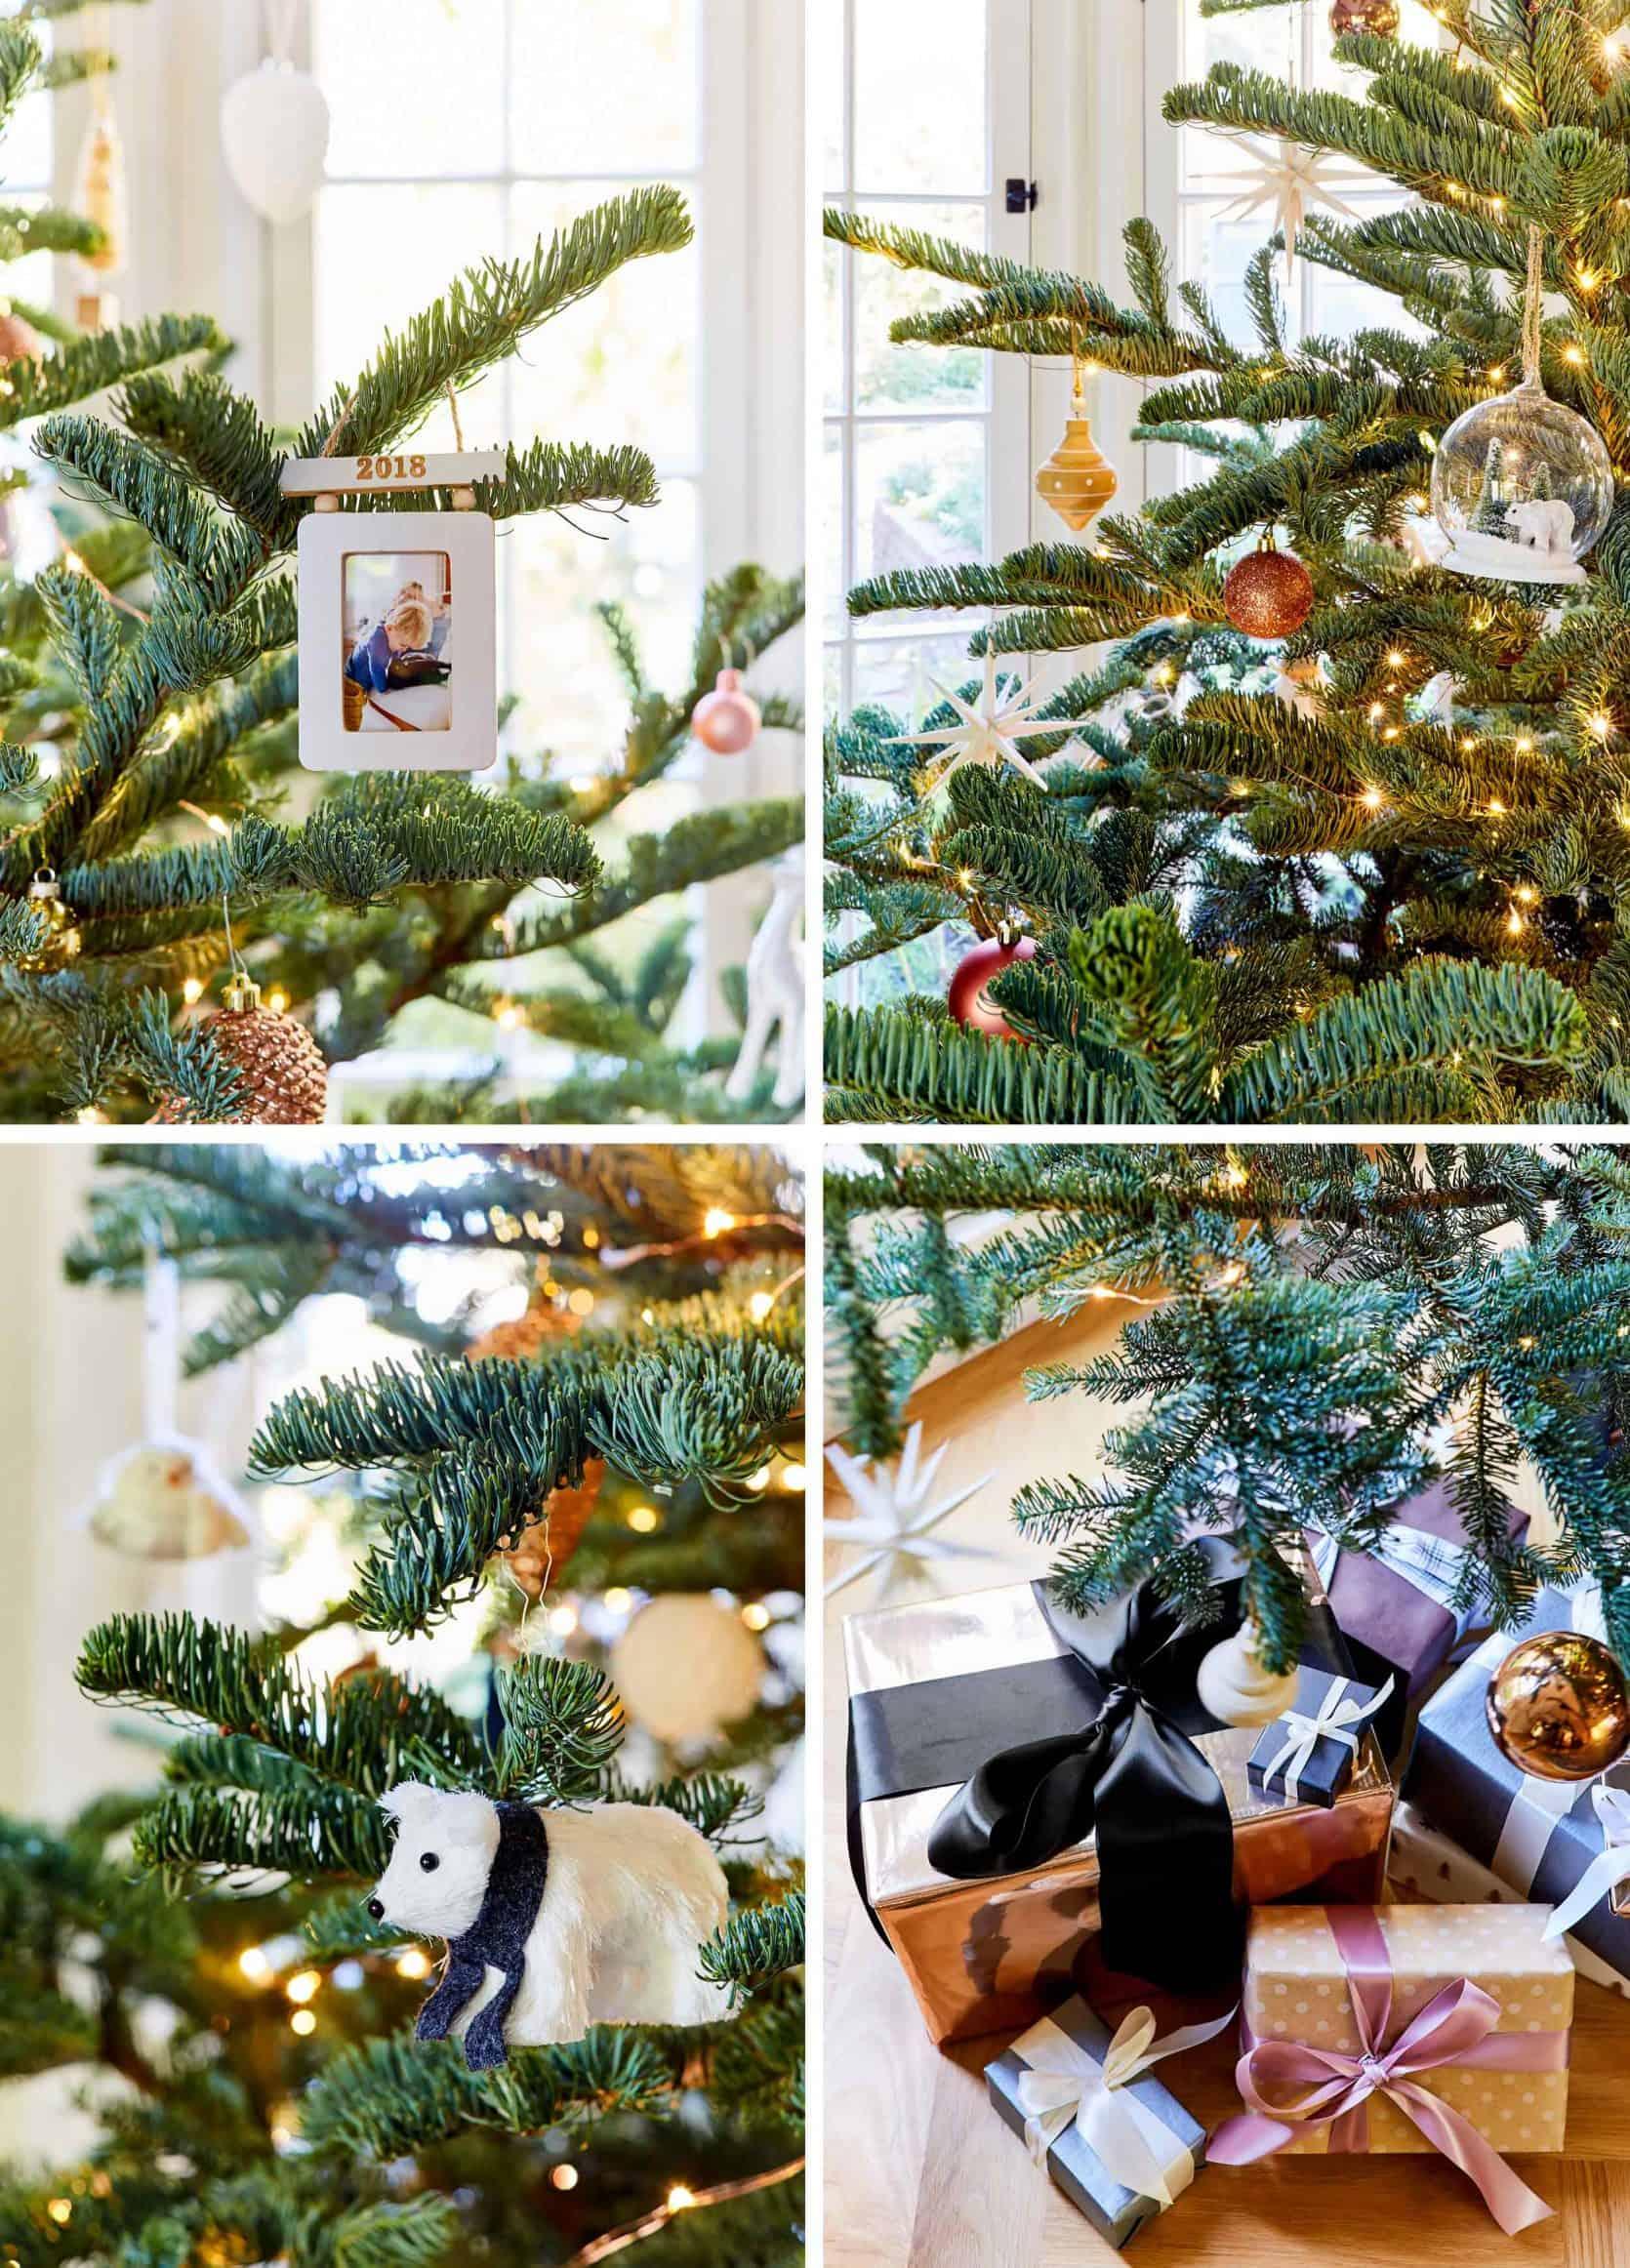 2x2 Grid Ornament Details